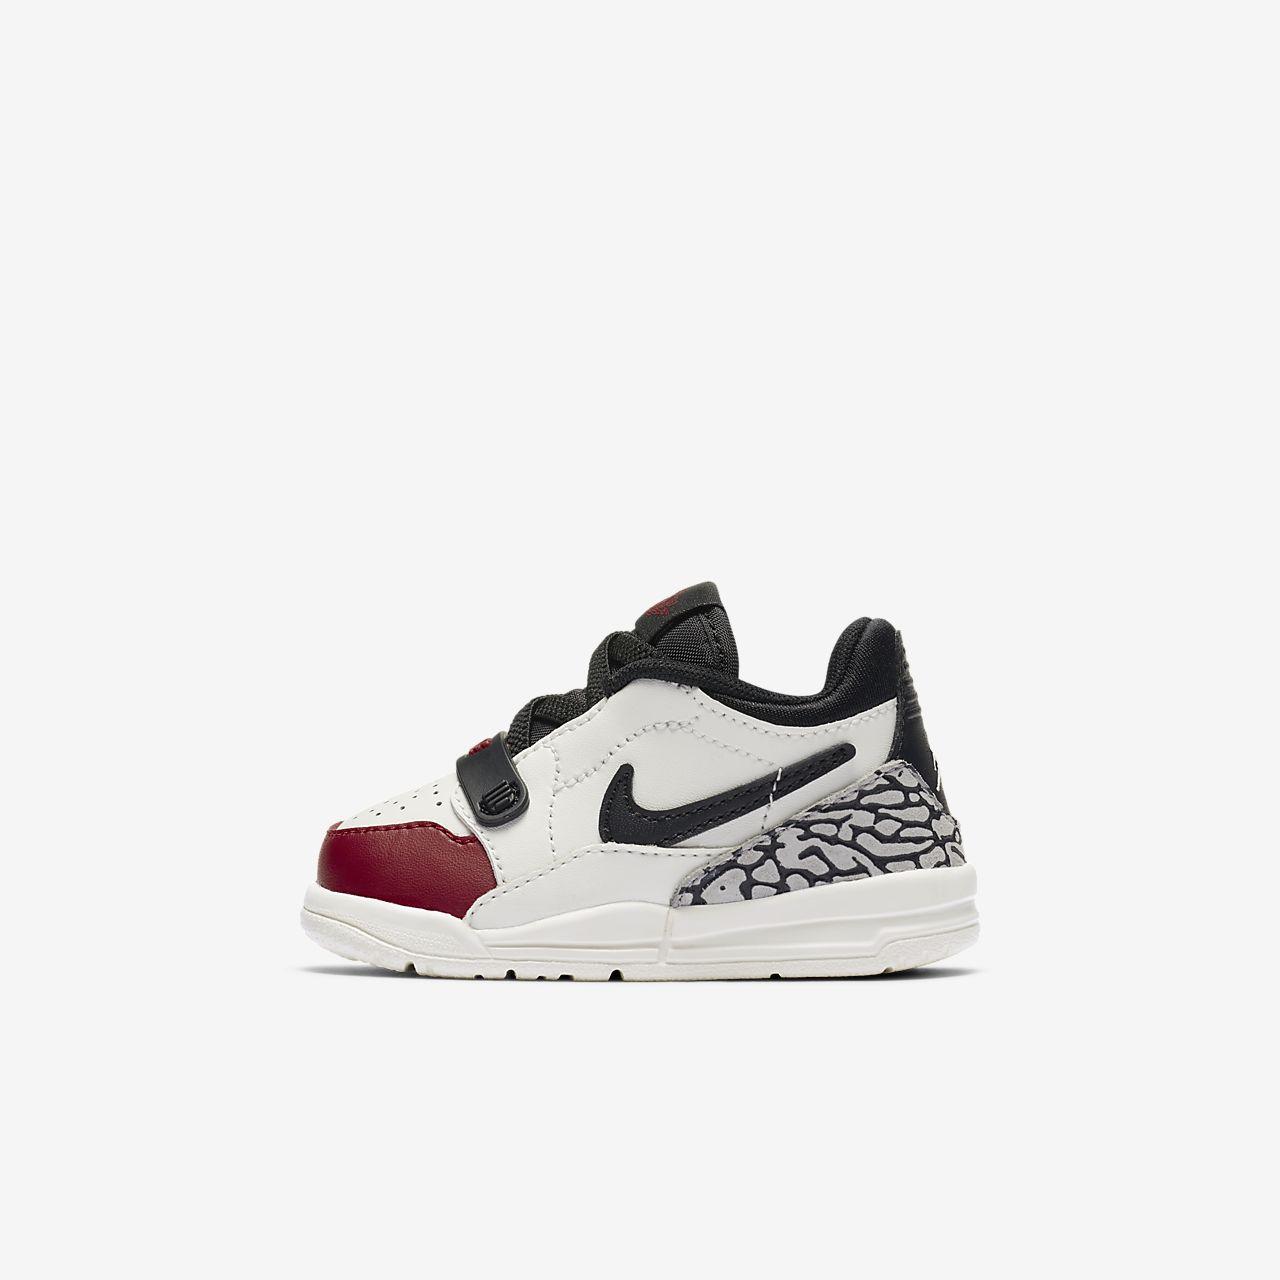 Air Jordan Legacy 312 Low Schoen voor baby'speuters